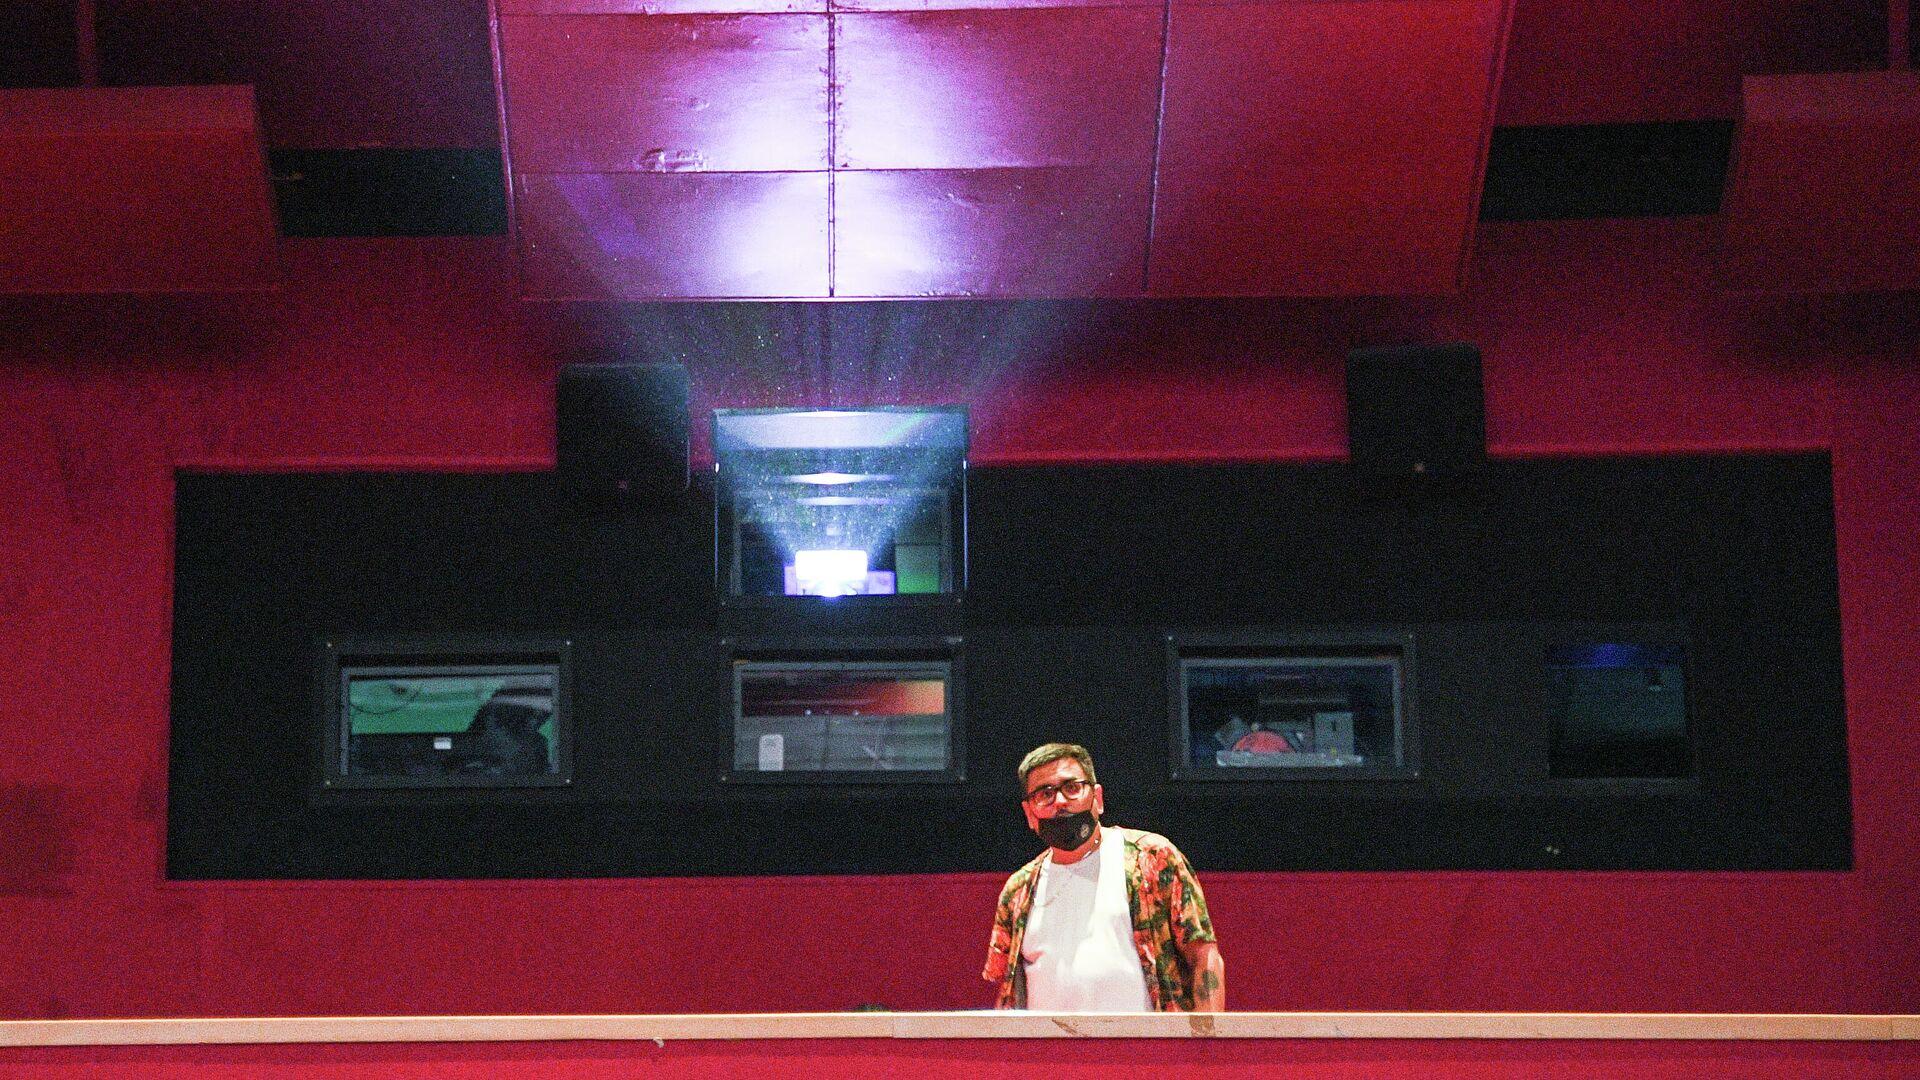 Зритель в зале перед показом фильма в кинотеатре Каро 11 Октябрь в Москве - РИА Новости, 1920, 28.10.2020